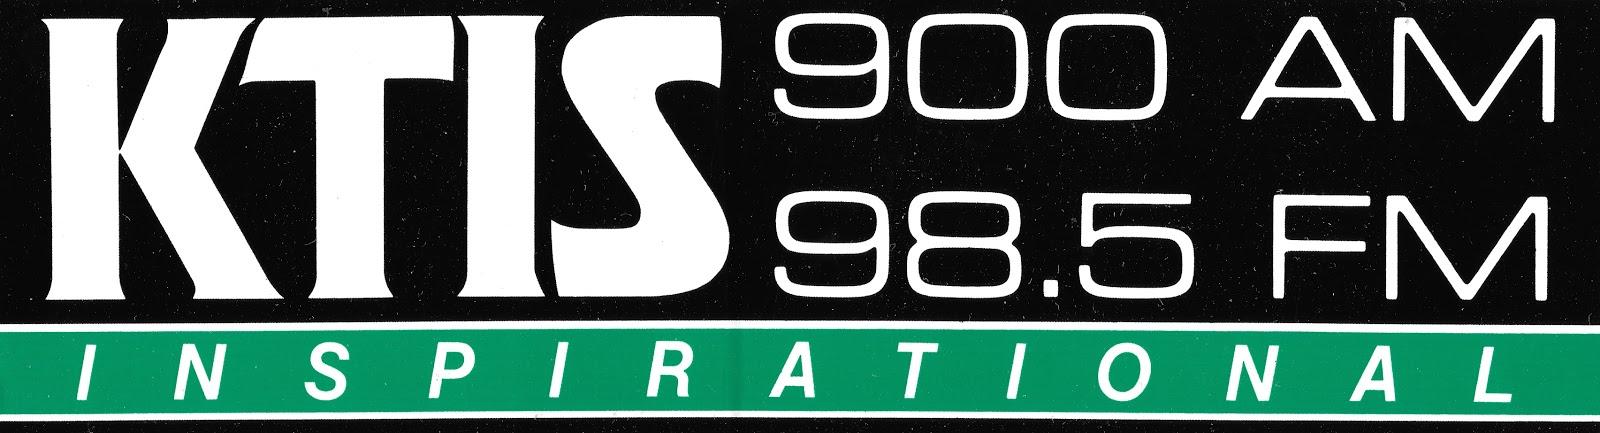 Ktis 900 am minneapolis